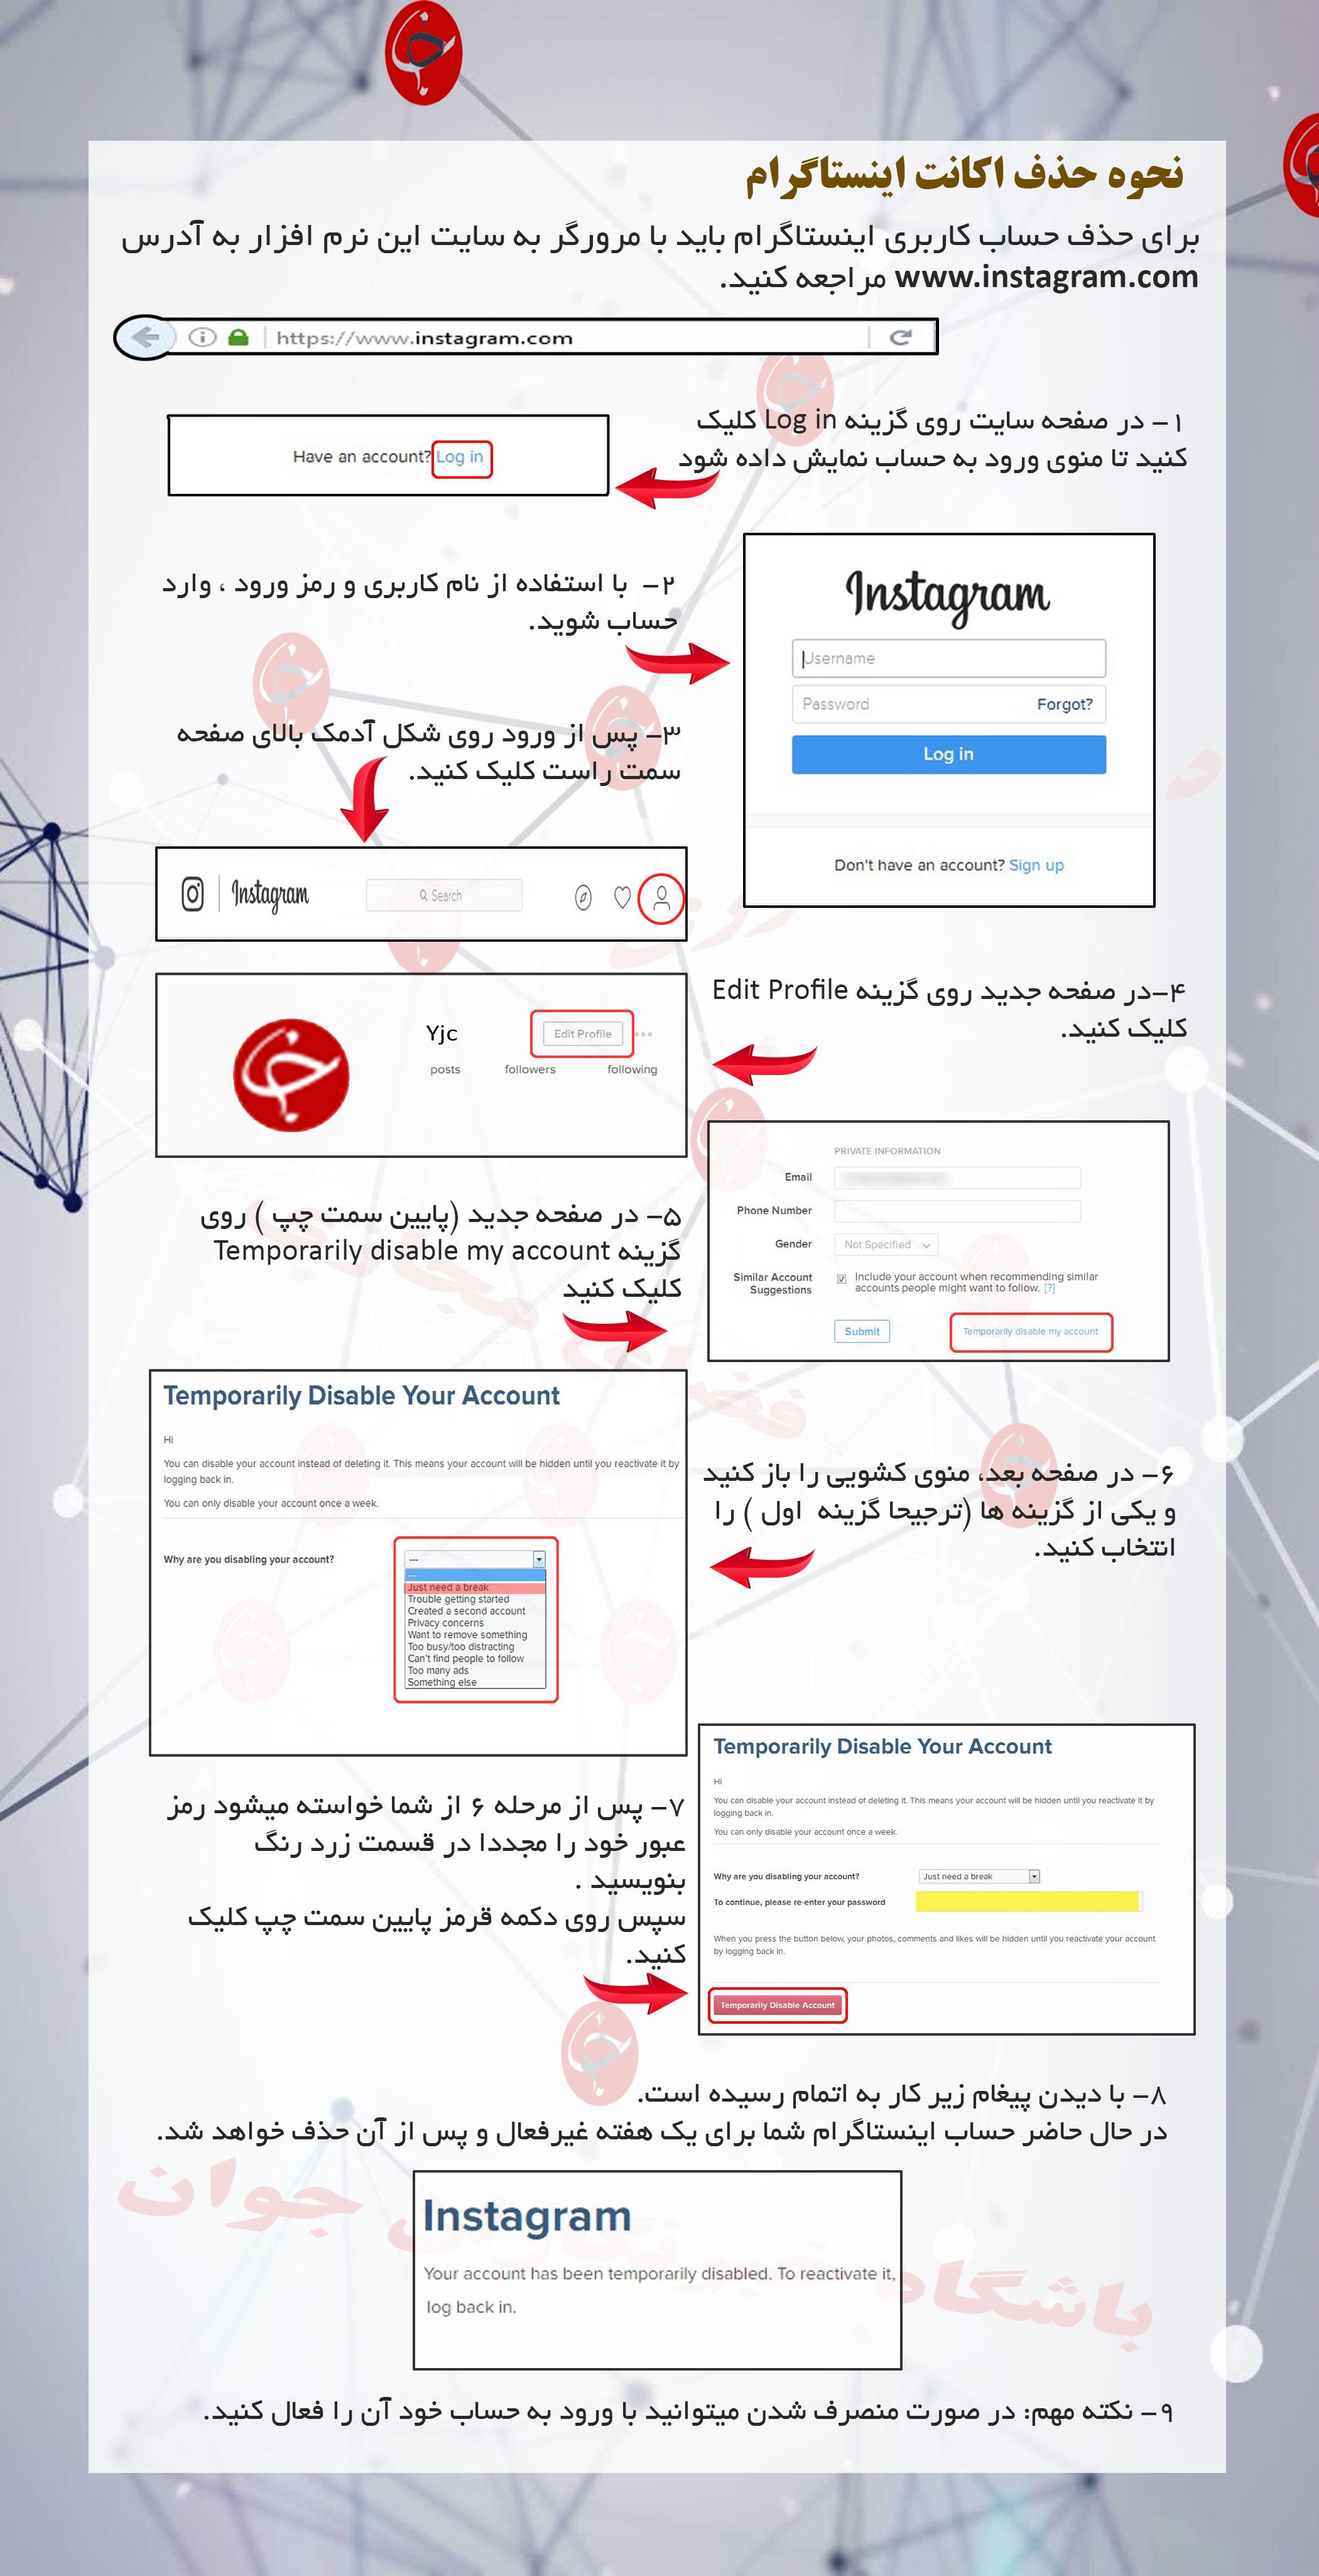 نحوه حذف اکانت اینستاگرام + اینفوگرافی